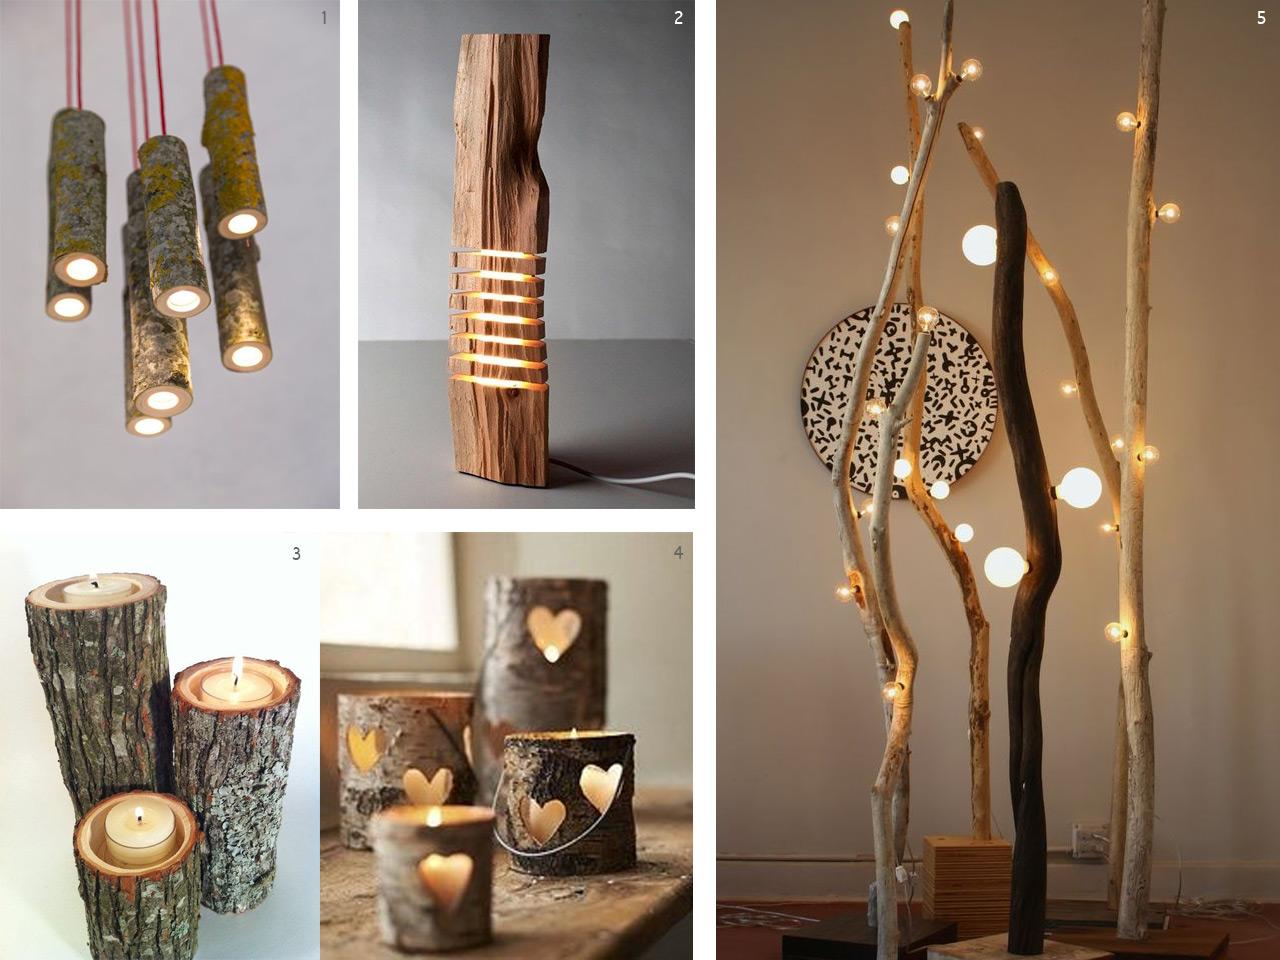 El bosque en casa: ramas, troncos y manualidades en madera